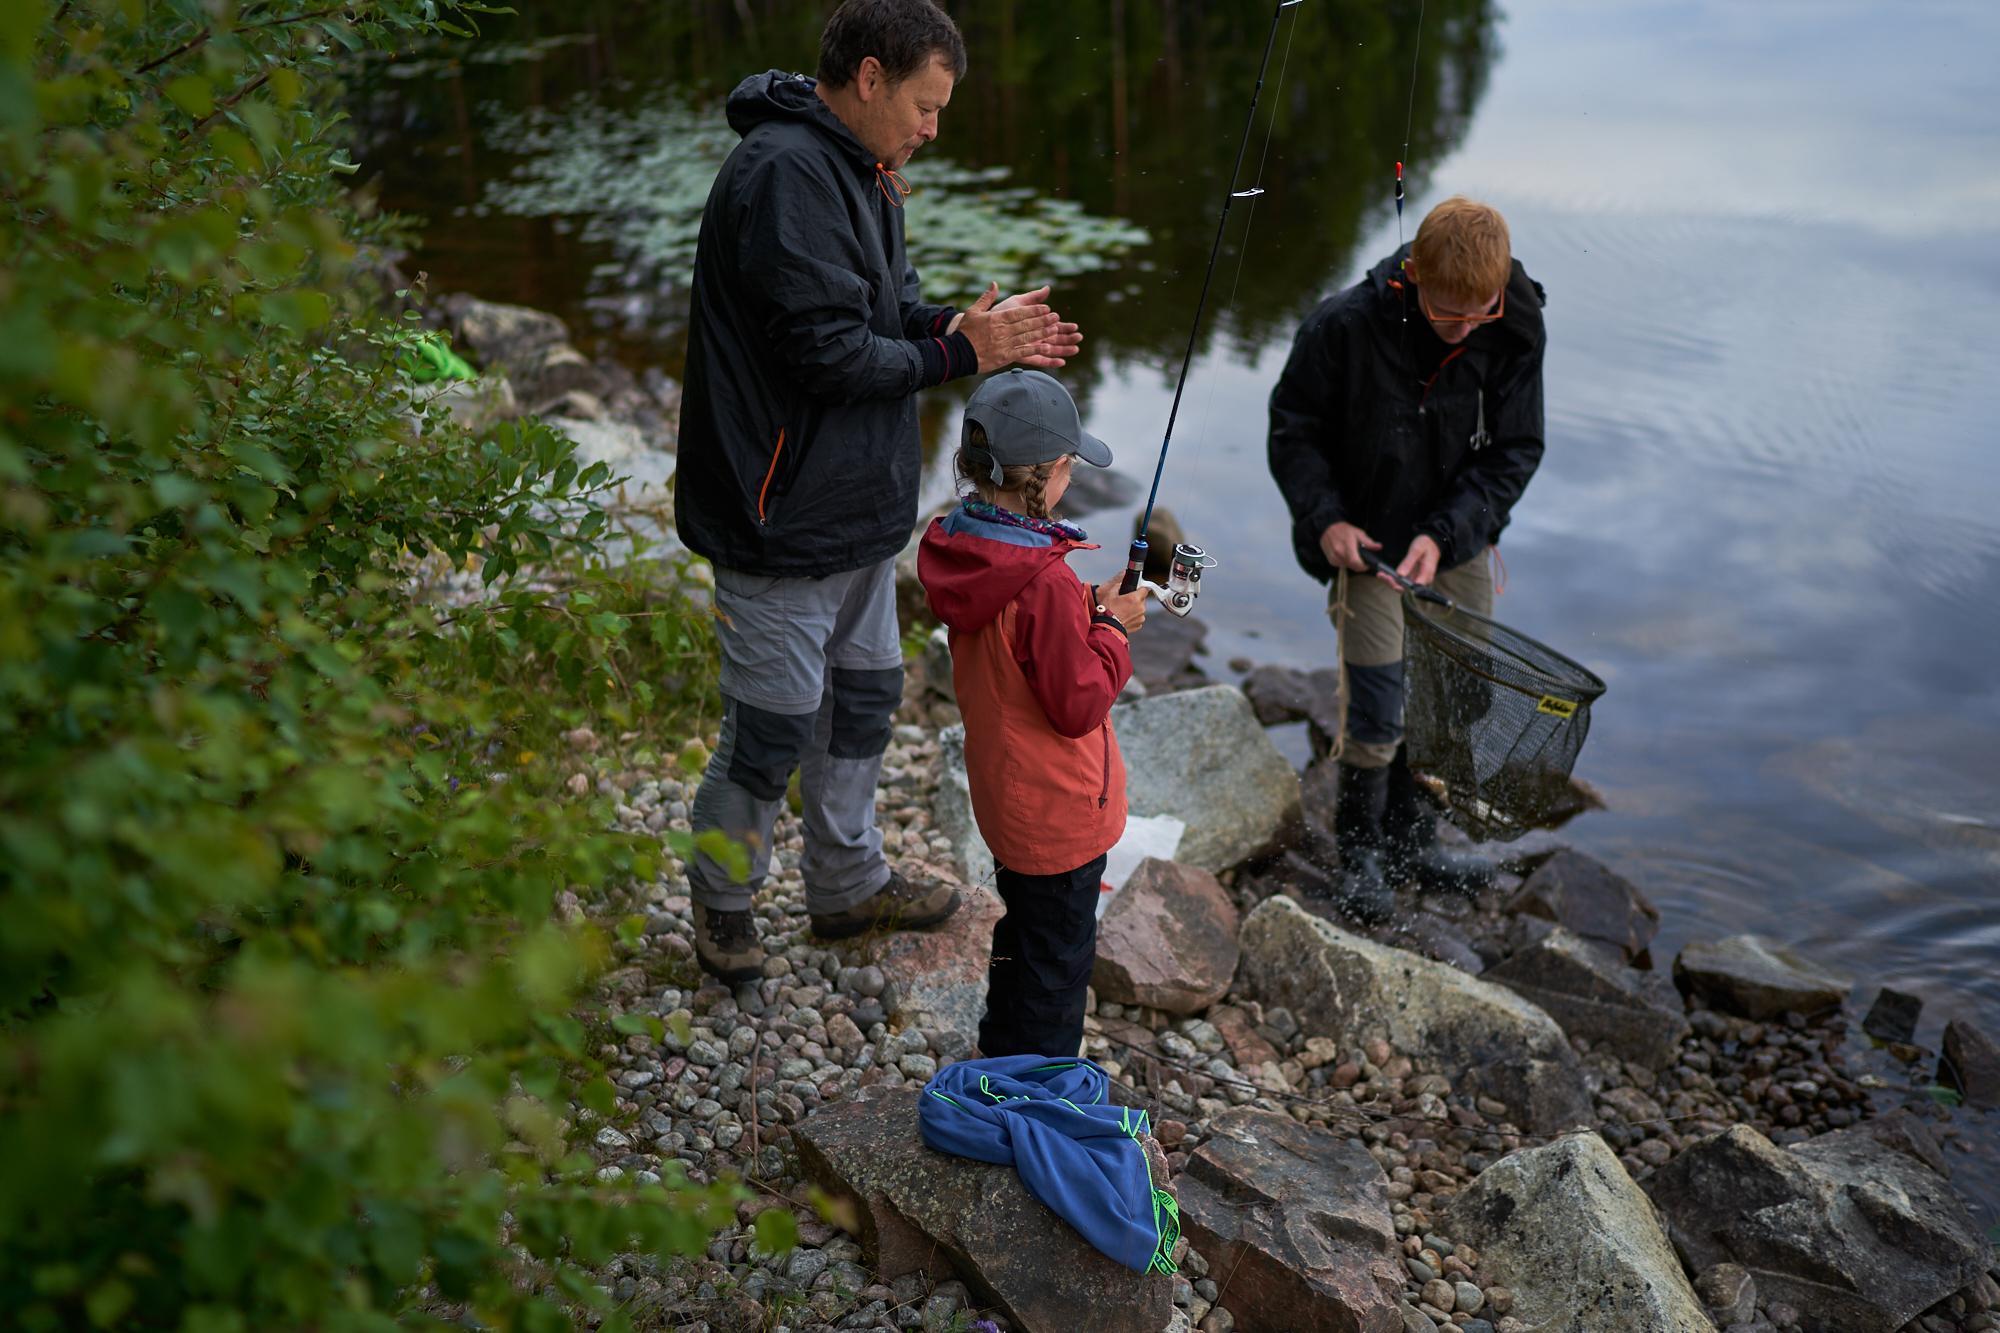 20190710-Zweden-S19-NIK08351.jpg